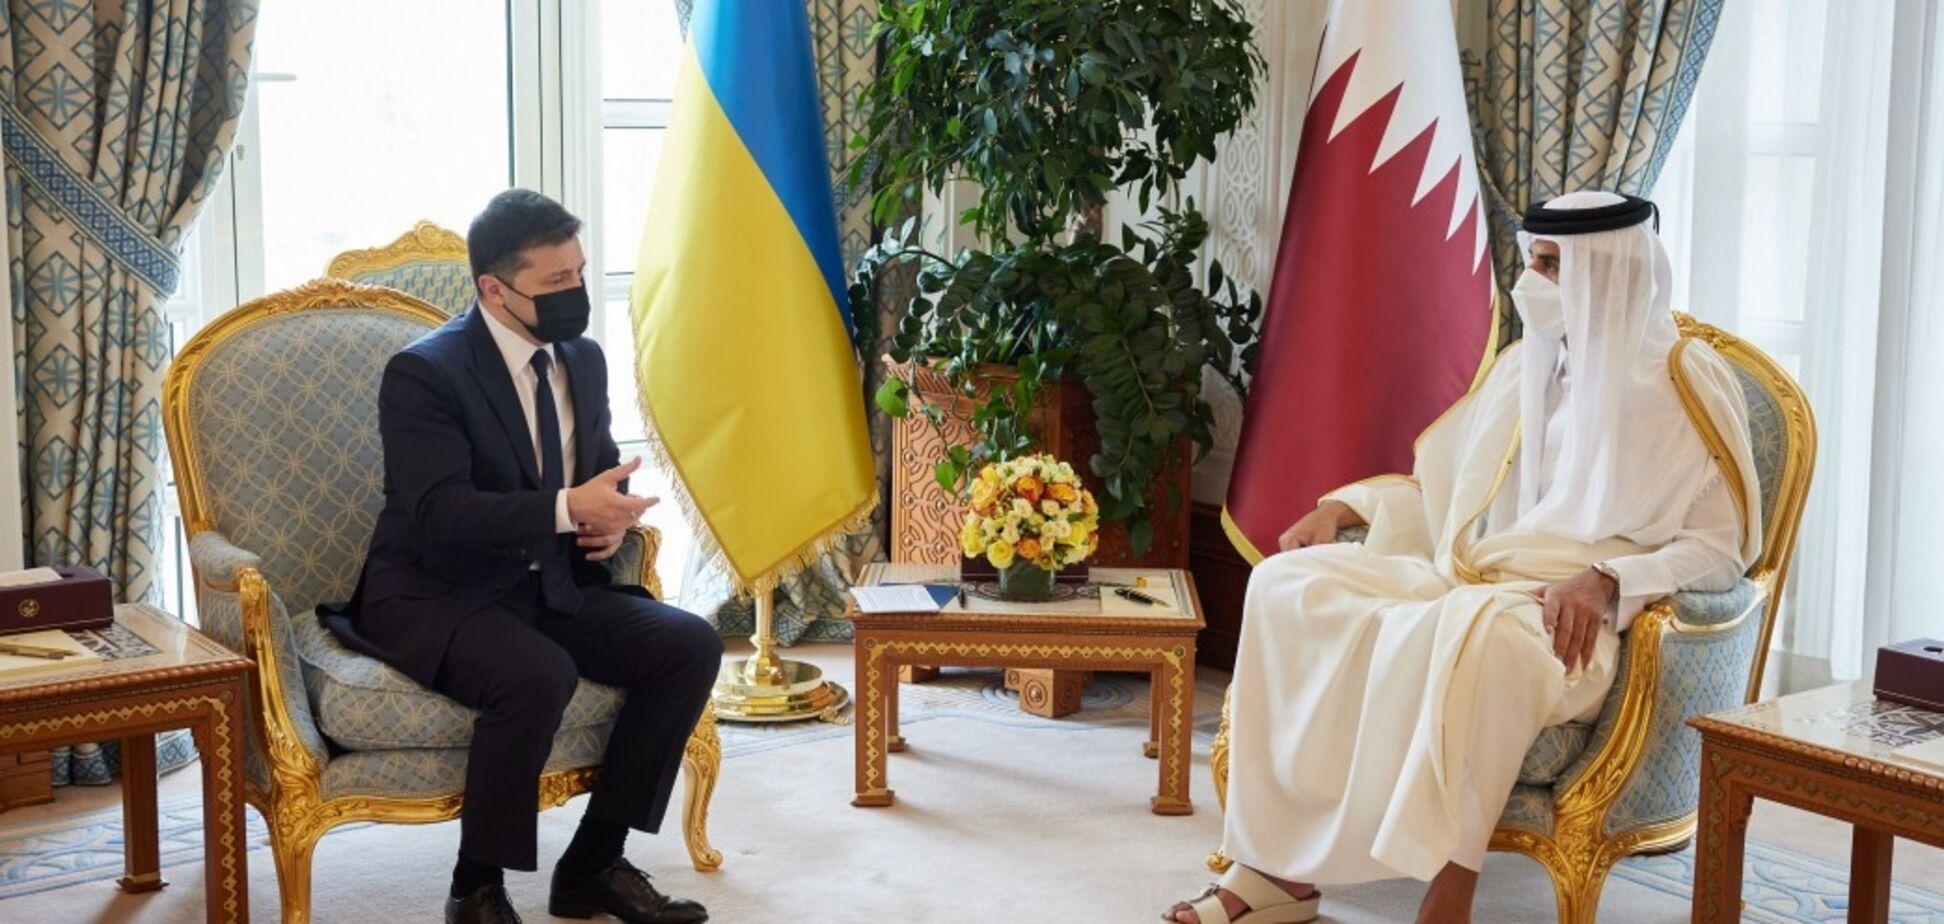 Зеленський запропонував Катару інвестувати у 'Велике будівництво' в Україні